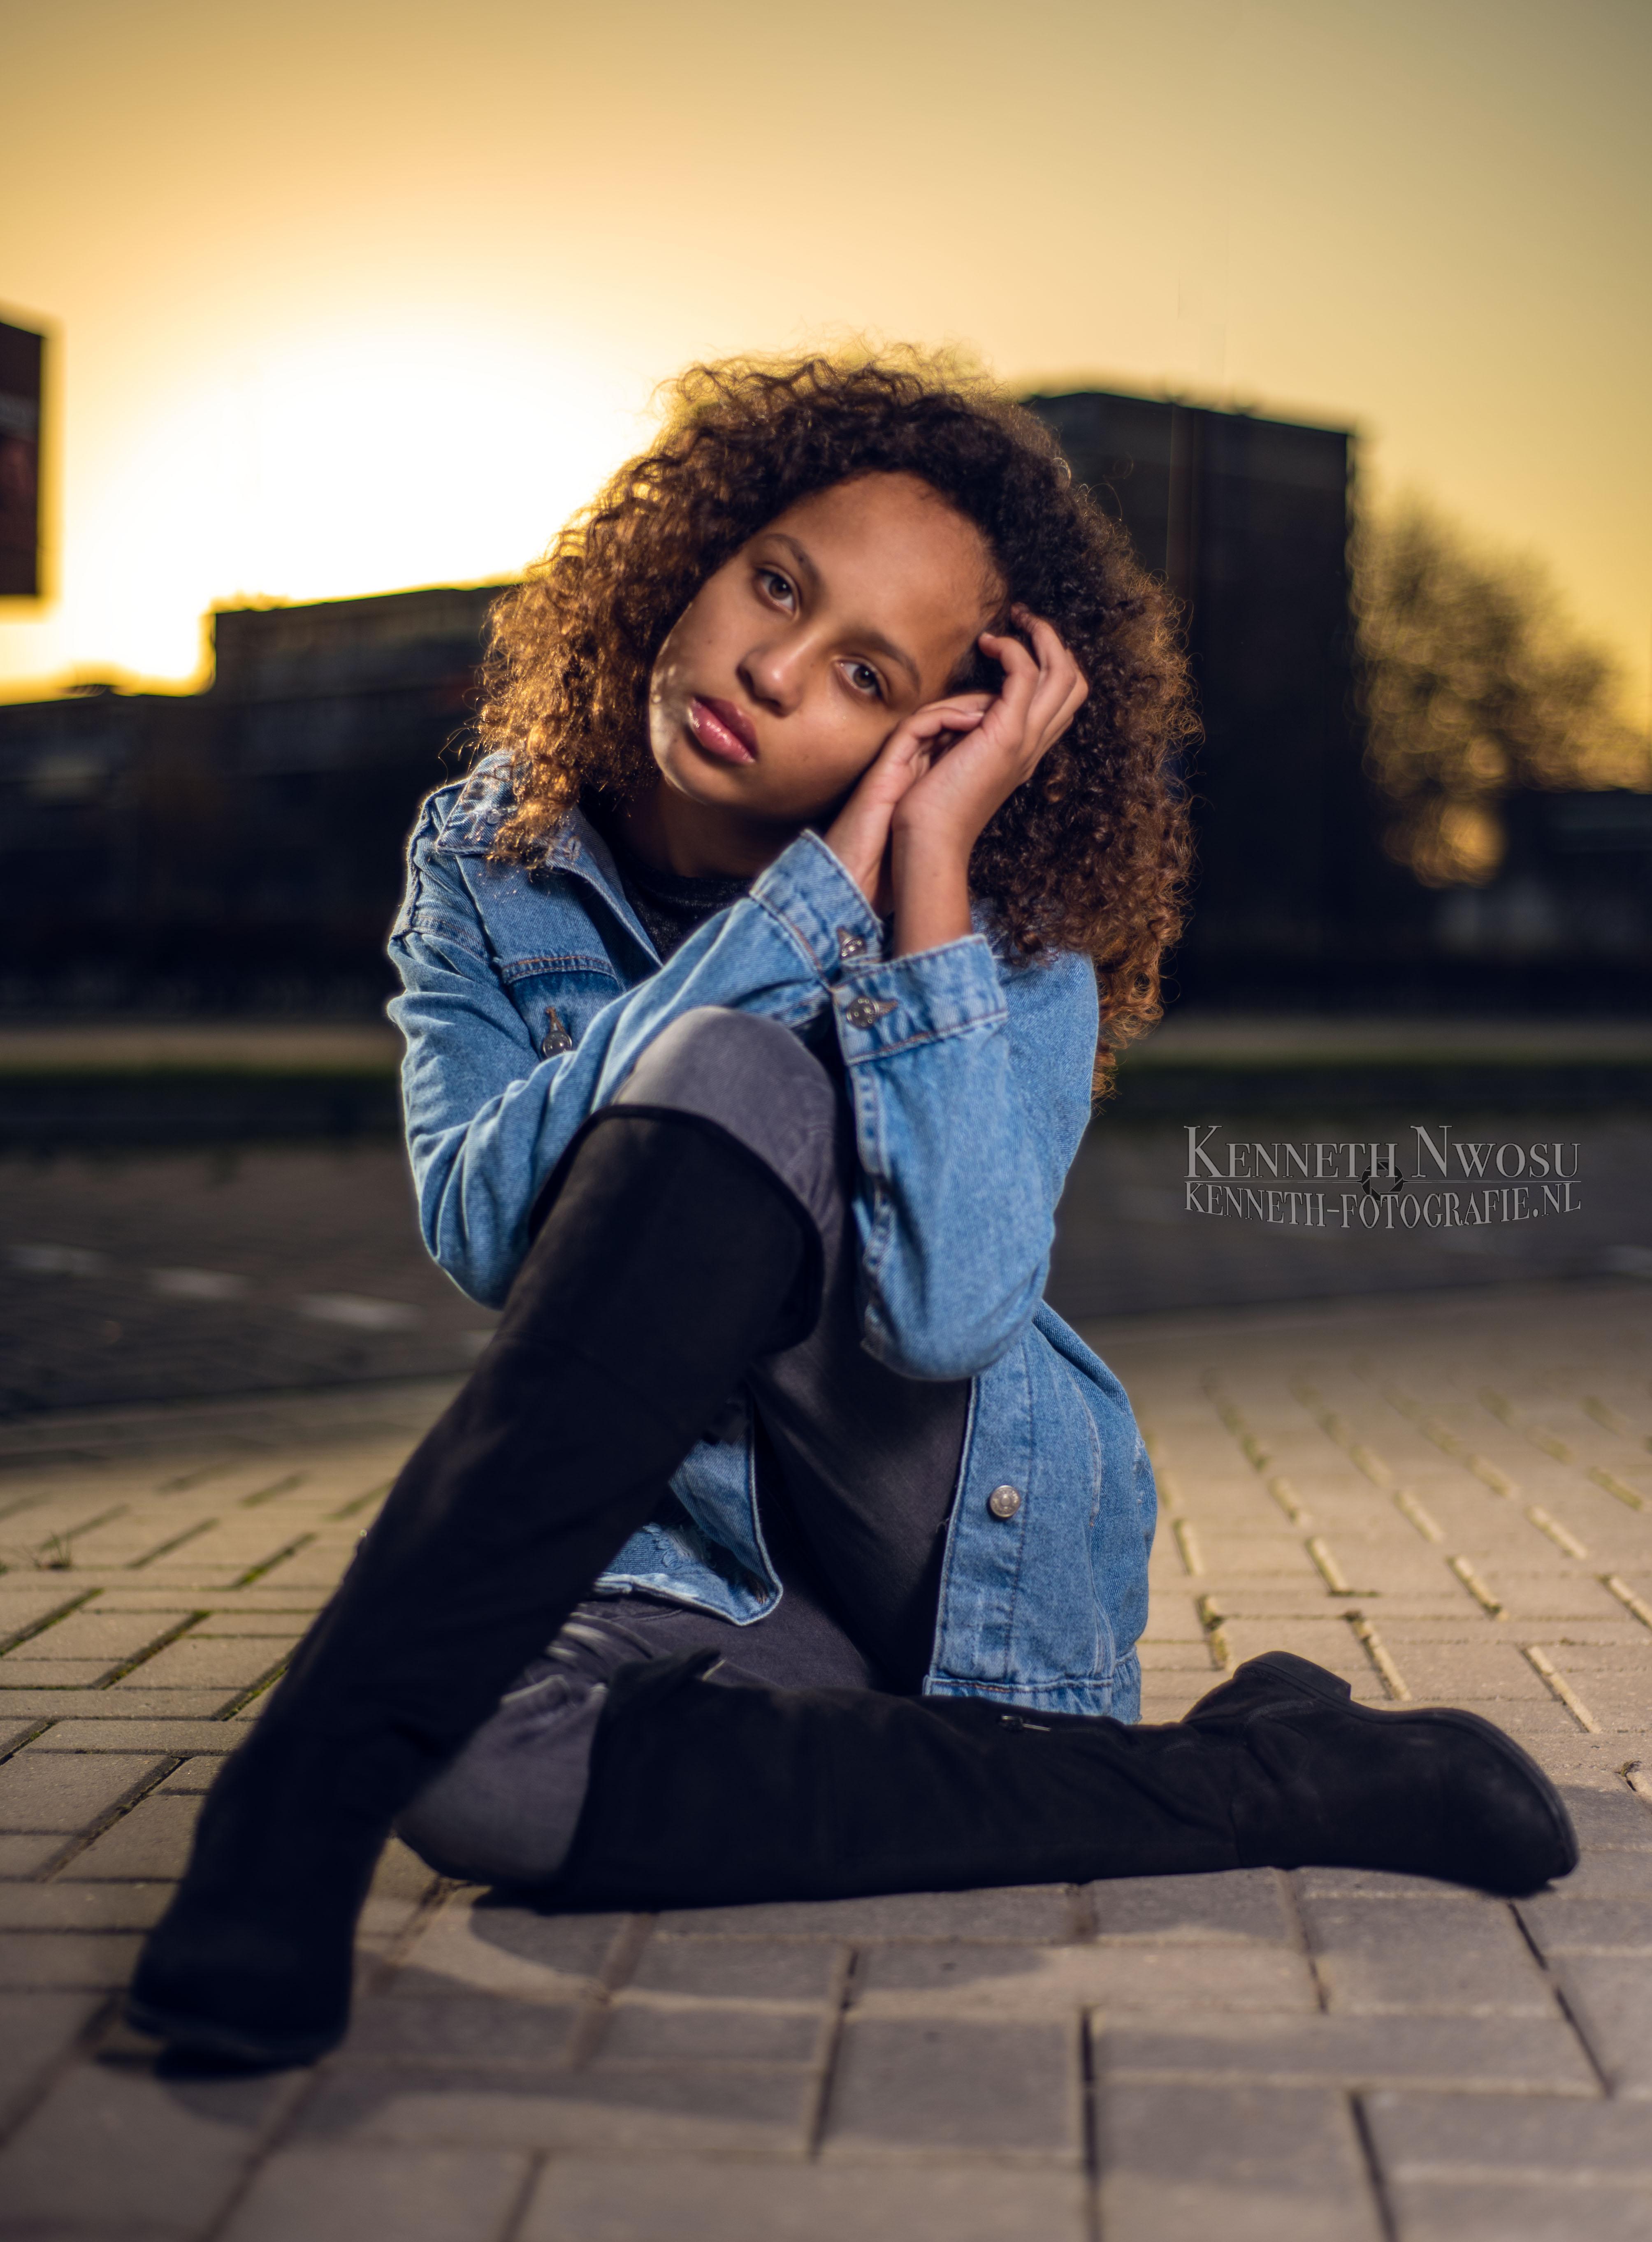 Sunset en studio shoot met Danaé